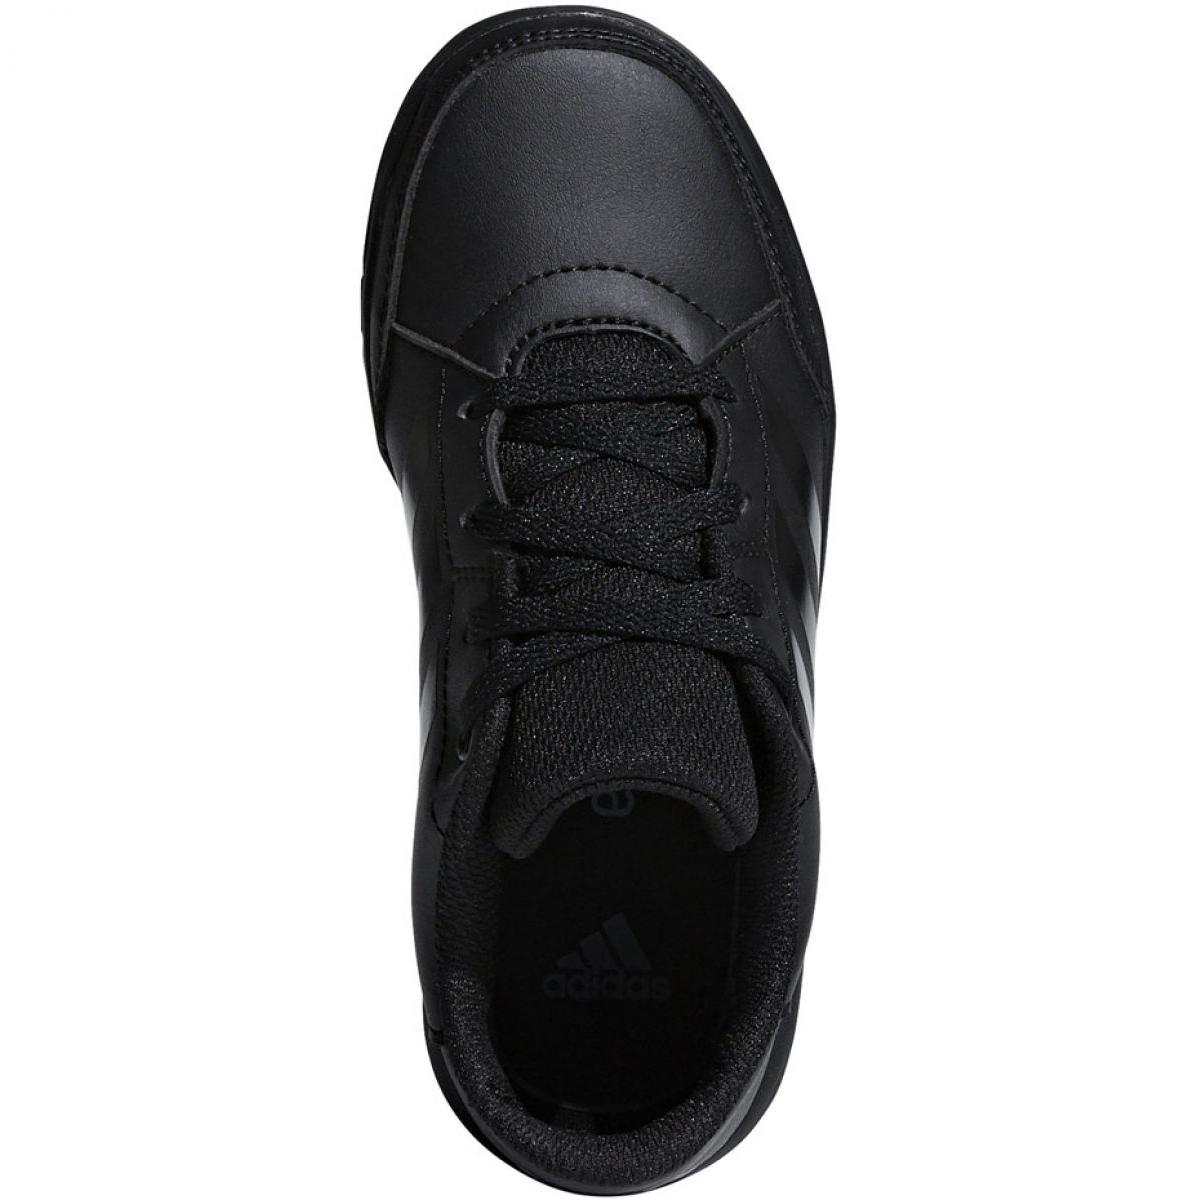 Černá Adidas AltaSport K Jr. D96873 boty